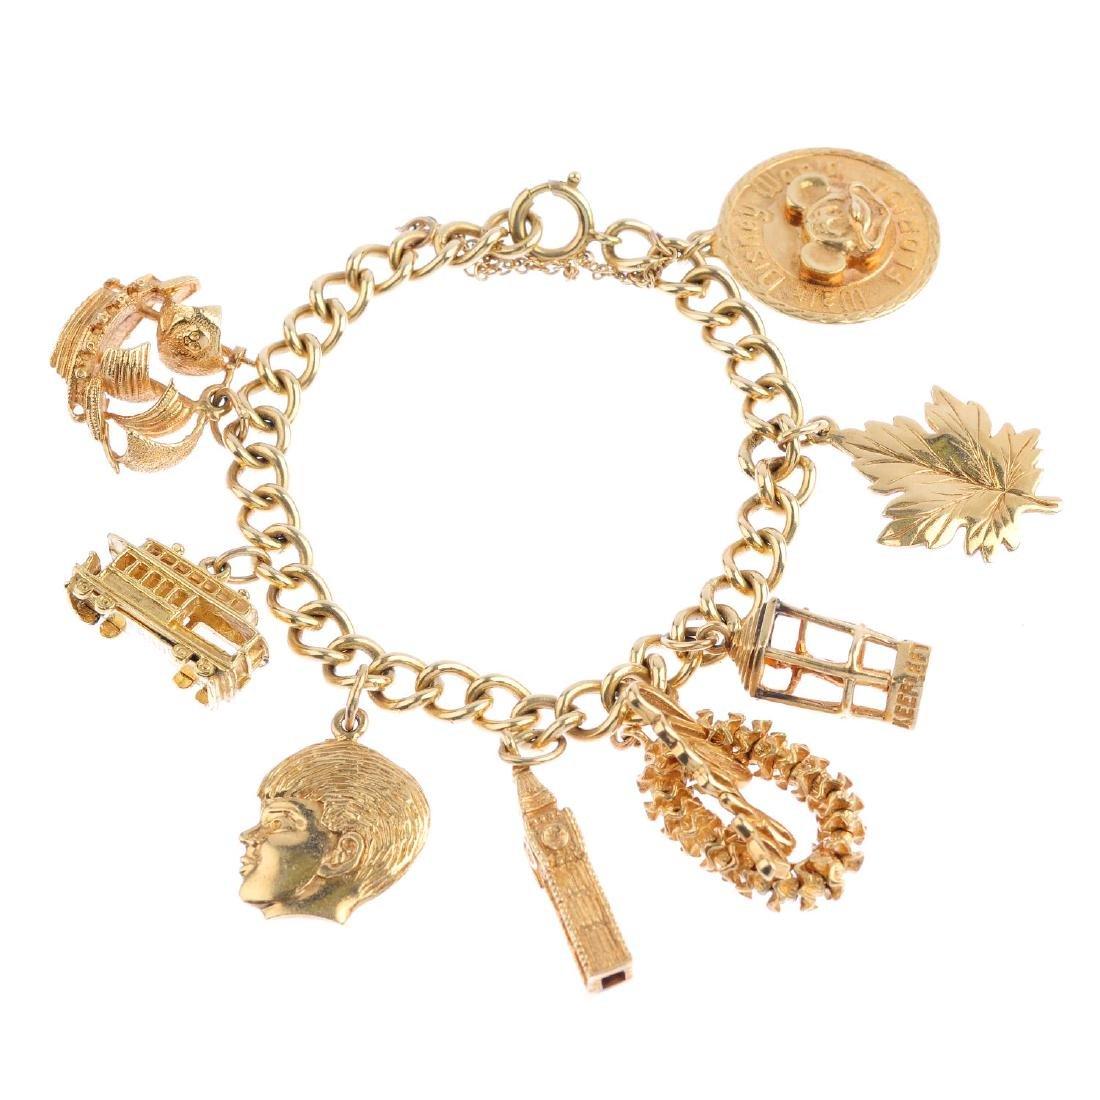 A charm bracelet. The curb-link bracelet, suspending